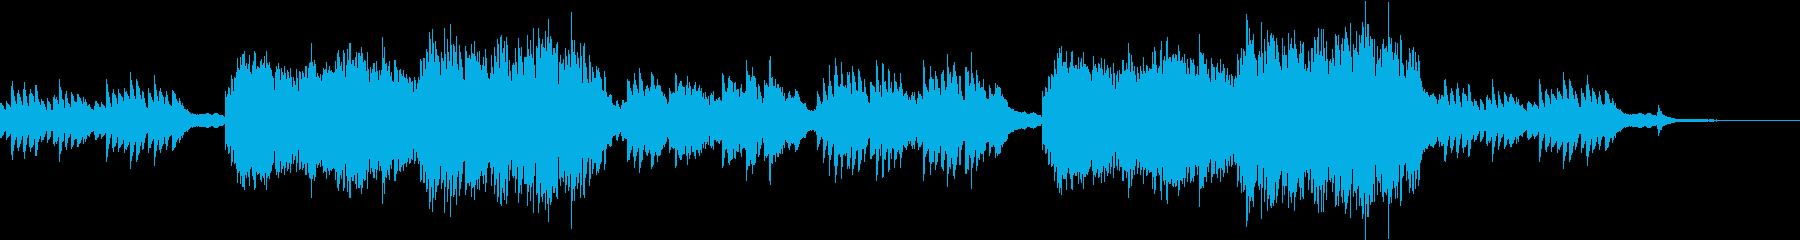 クラシック交響曲 憂鬱 悲しい ピ...の再生済みの波形